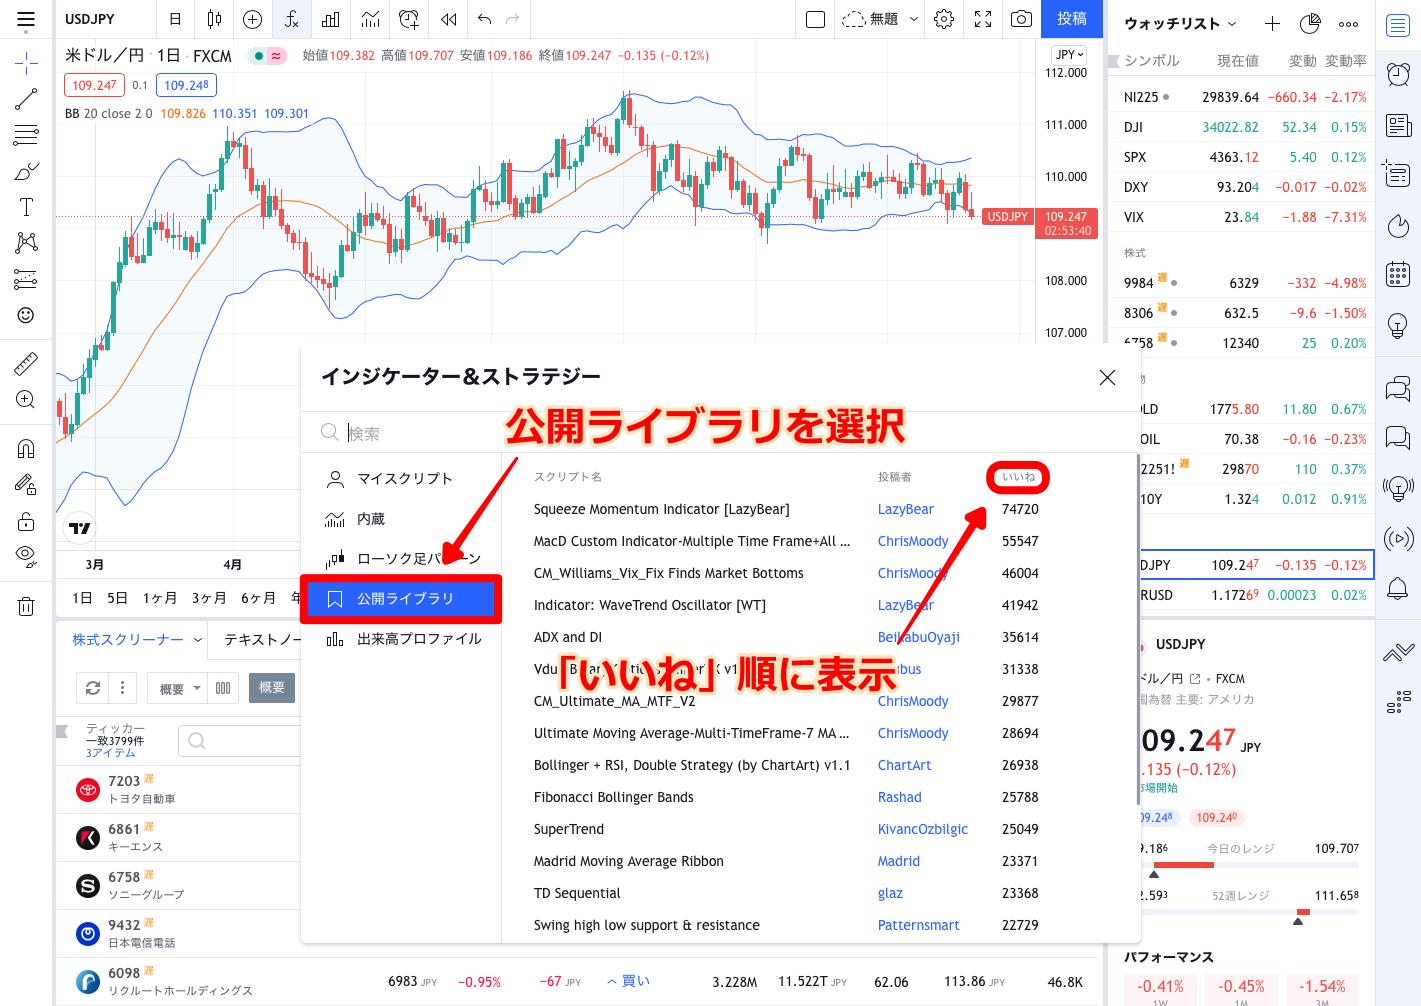 TradingView 公開ライブラリ